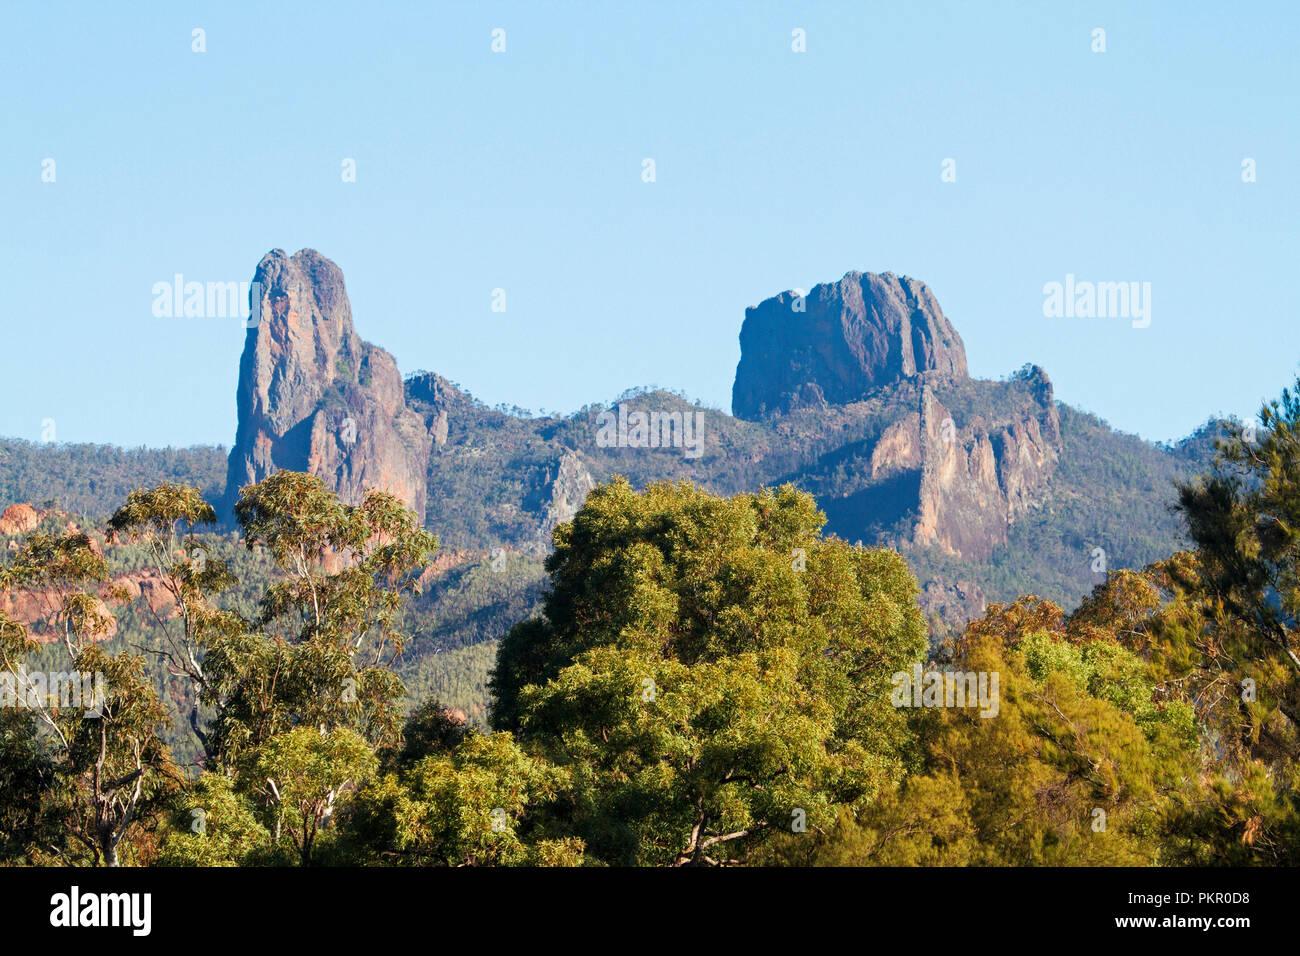 Afloramientos rocosos dentados elevarse por encima de los rangos boscosas en cielo azul en el Parque Nacional Warrumbungle NSW, Australia Imagen De Stock